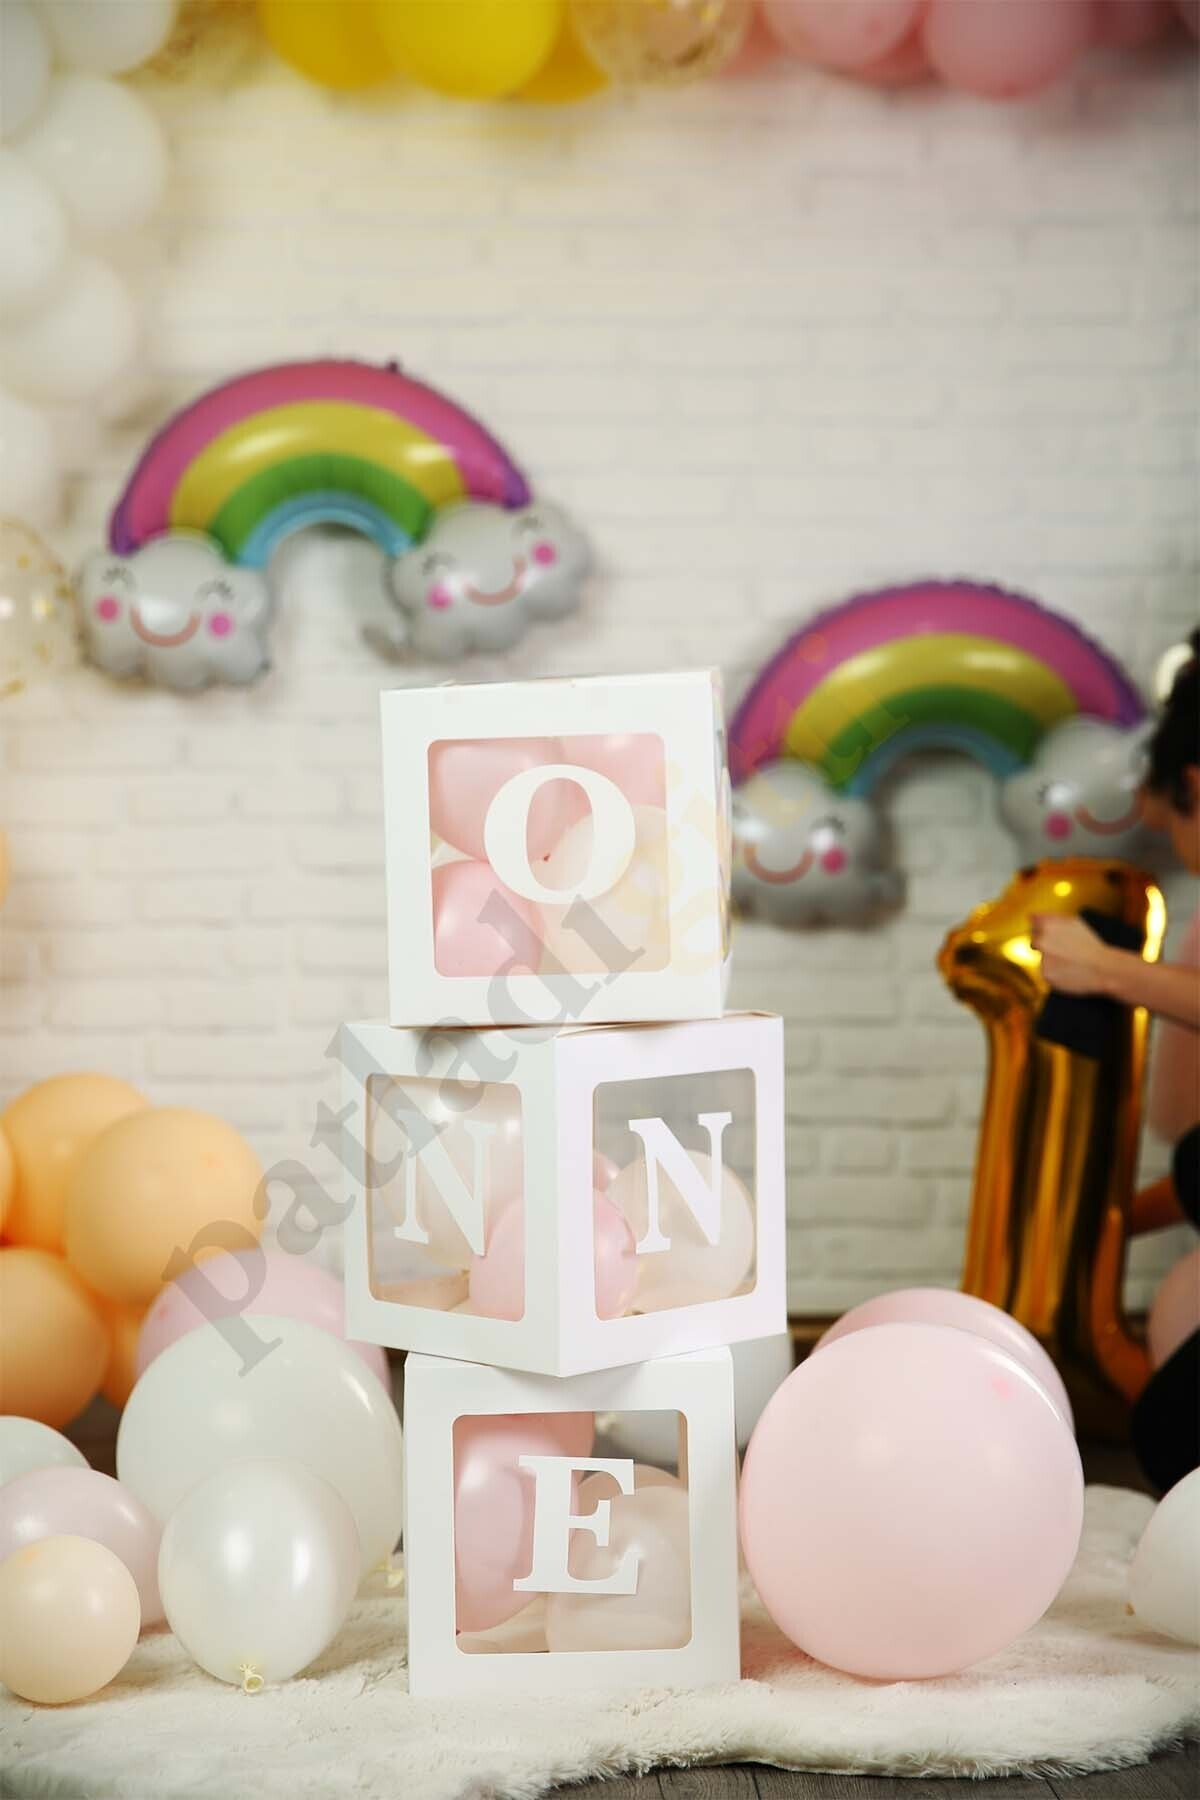 One Yazılı Beyaz Kutu Ve Balon Seti